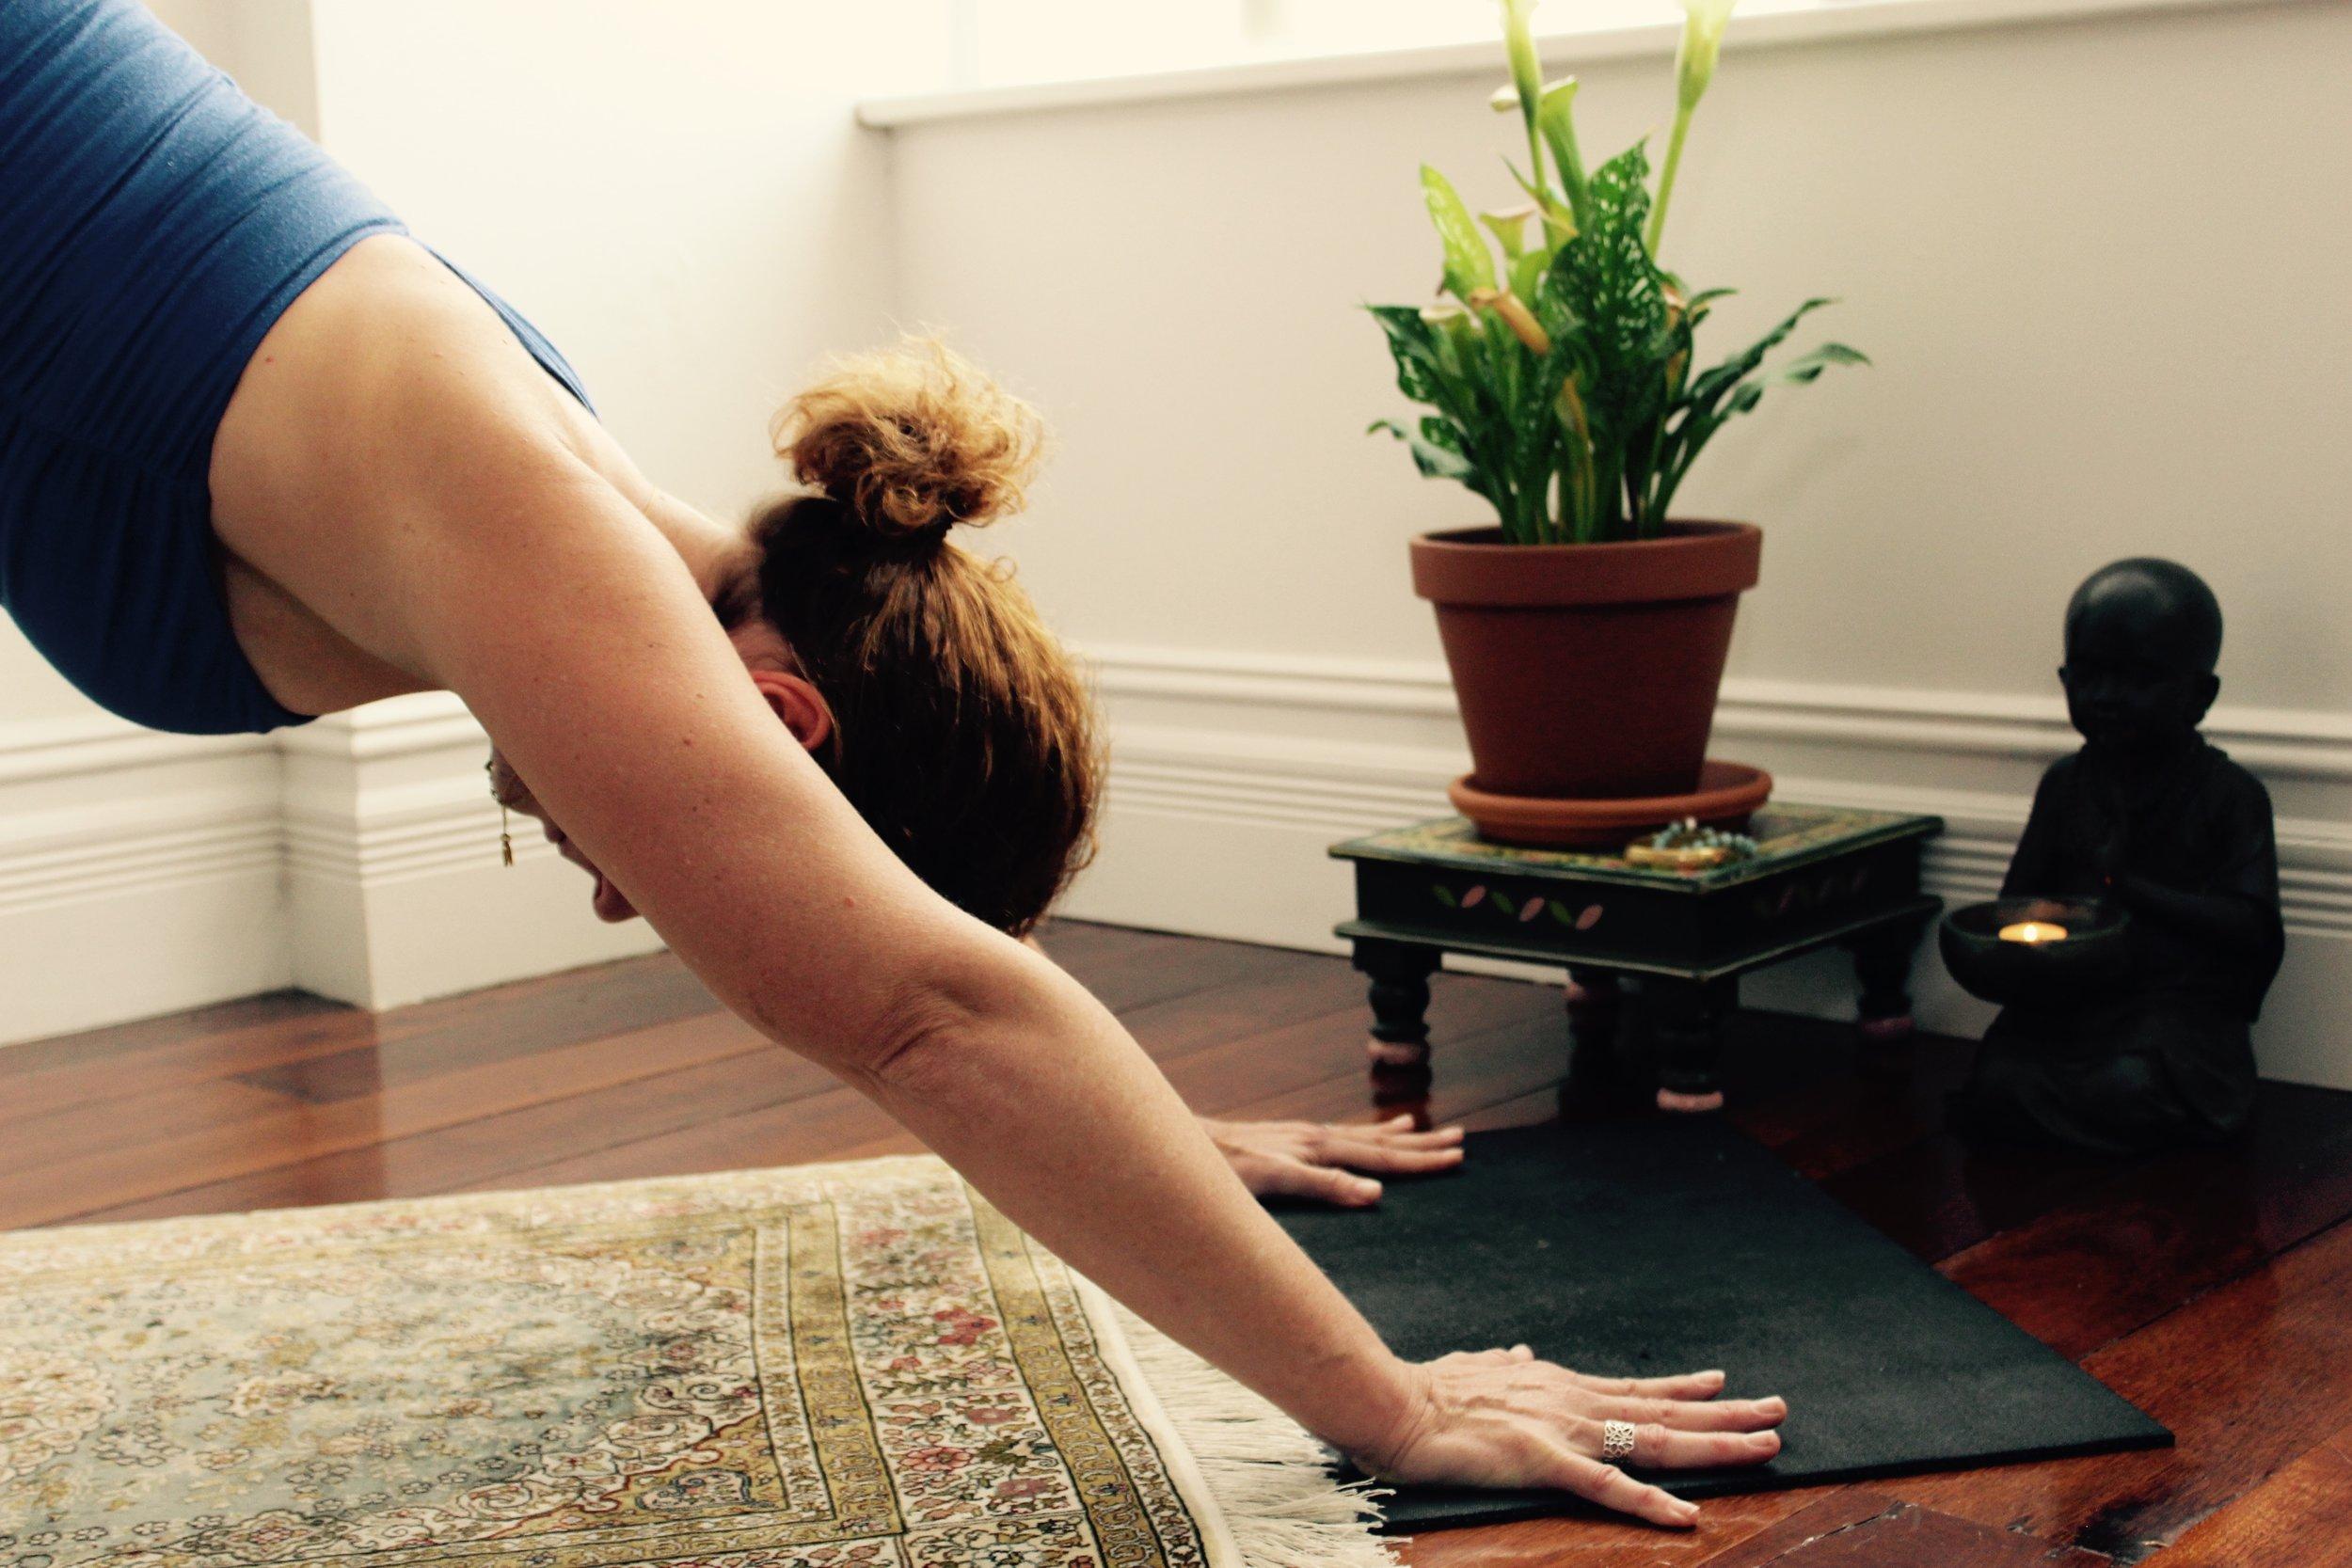 Yoga classes North Perth WA